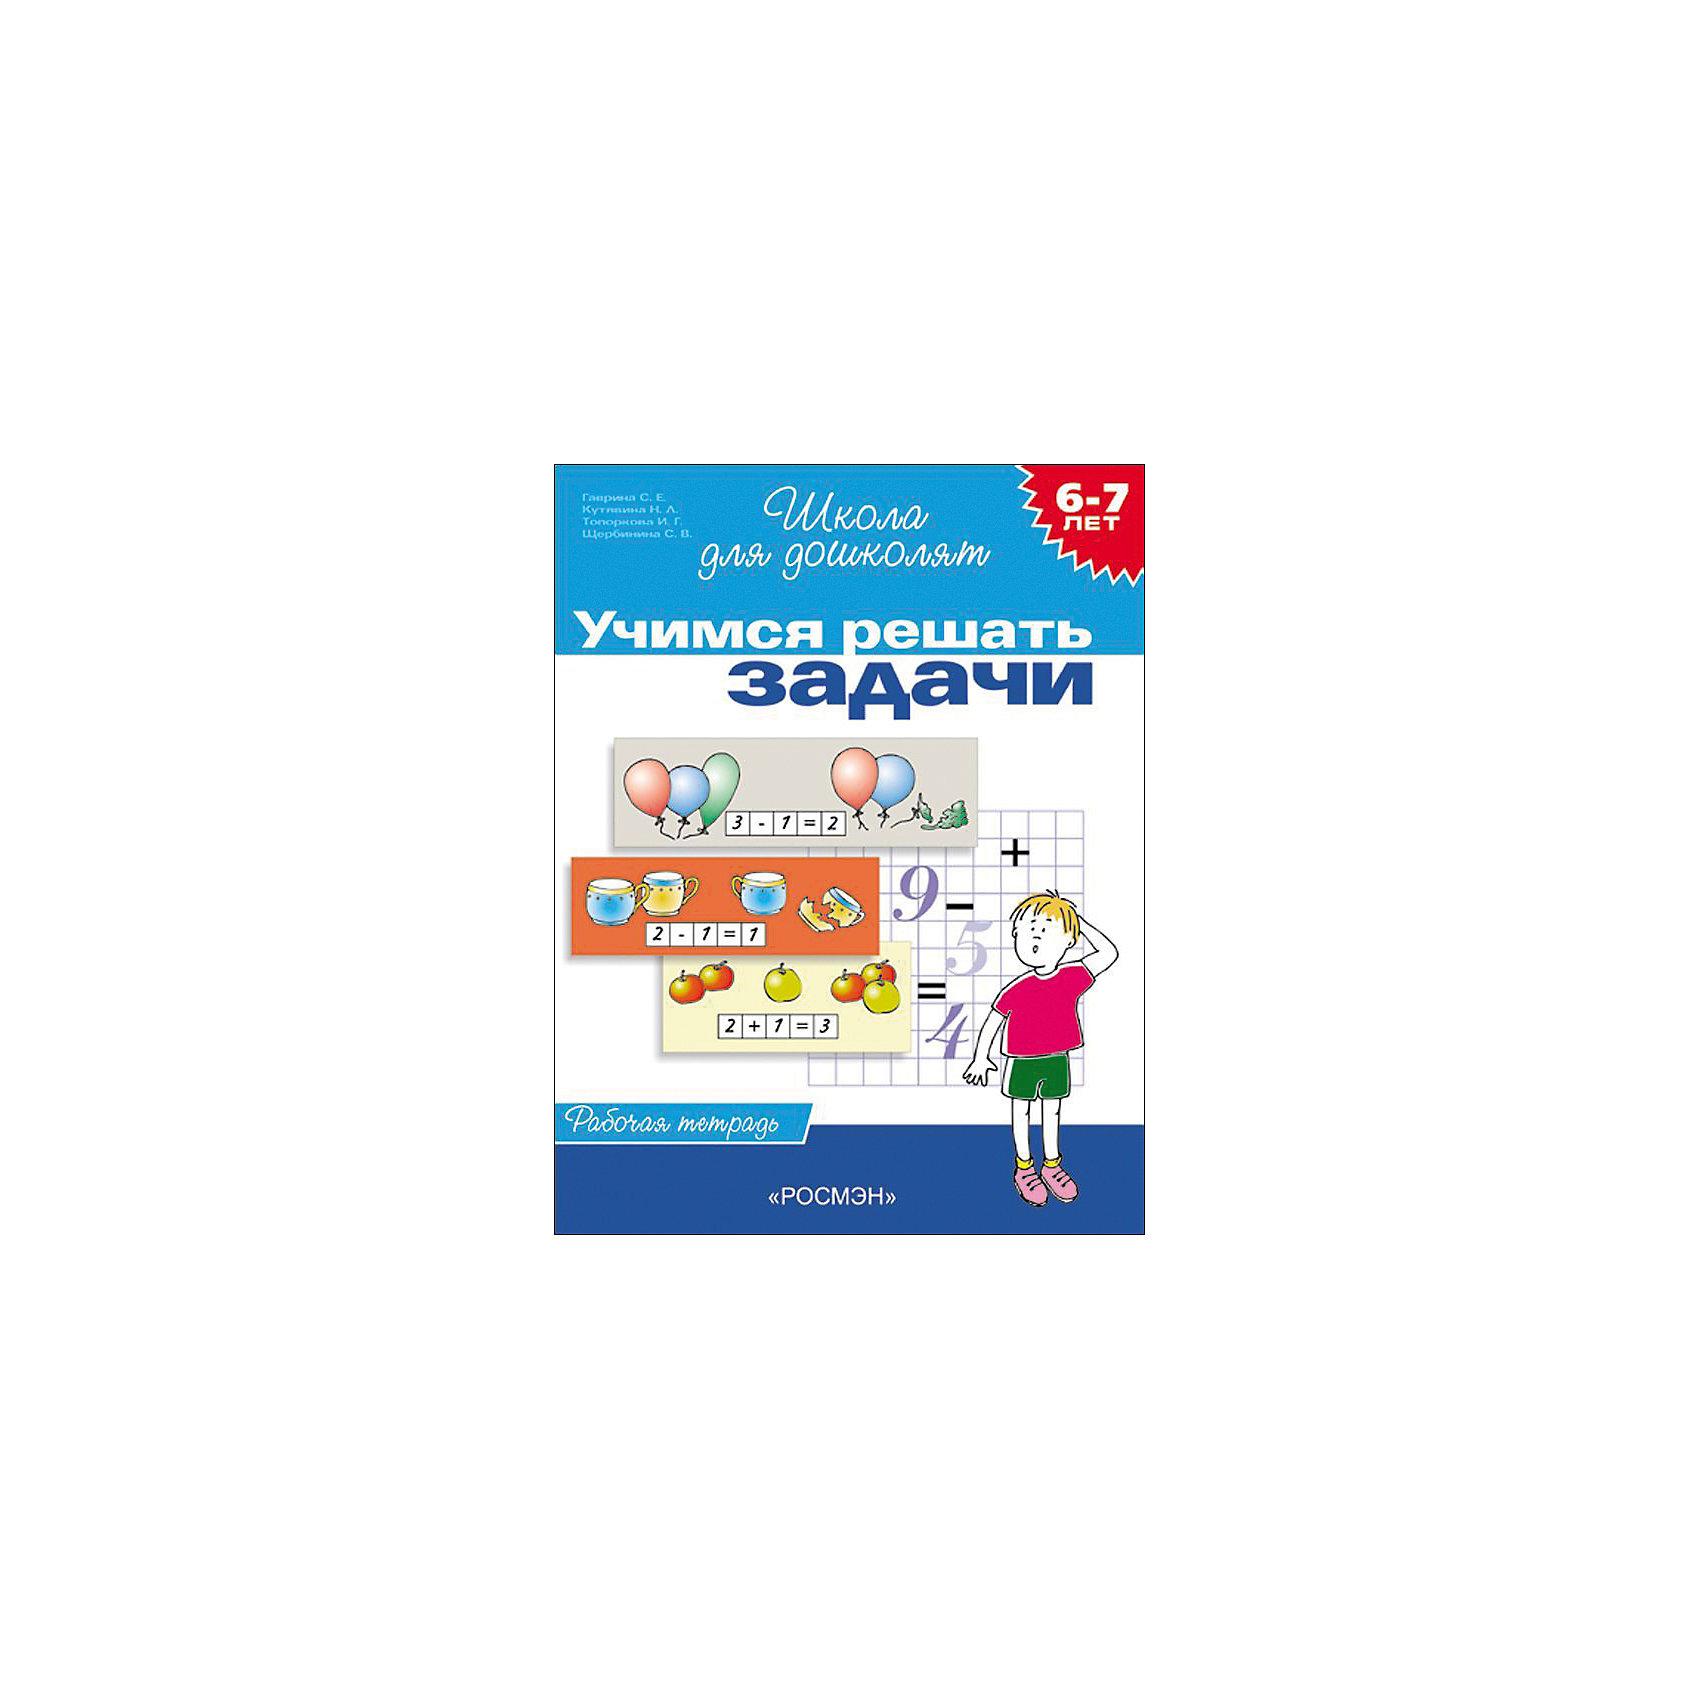 Рабочая тетрадь Учимся решать задачиХарактеристики товара:<br><br>- цвет: разноцветный;<br>- материал: бумага;<br>- страниц: 24;<br>- формат: 26 х 20 см;<br>- обложка: мягкая;<br>- развивающее издание.<br><br>Это проработанное развивающее издание станет отличным подарком для родителей и ребенка. Оно содержит в себе задания и упражнения, которые помогут ребенку подготовиться к школе. Простые интересные задания помогут привить любовь к учебе!<br>Выполнение таких заданий помогает ребенку развивать мелкую моторику, зрительную память, концентрацию внимания и воображение. Издание произведено из качественных материалов, которые безопасны даже для самых маленьких.<br><br>Издание Рабочая тетрадь Учимся решать задачи от компании Росмэн можно купить в нашем интернет-магазине.<br><br>Ширина мм: 255<br>Глубина мм: 195<br>Высота мм: 2<br>Вес г: 55<br>Возраст от месяцев: 60<br>Возраст до месяцев: 84<br>Пол: Унисекс<br>Возраст: Детский<br>SKU: 5110199